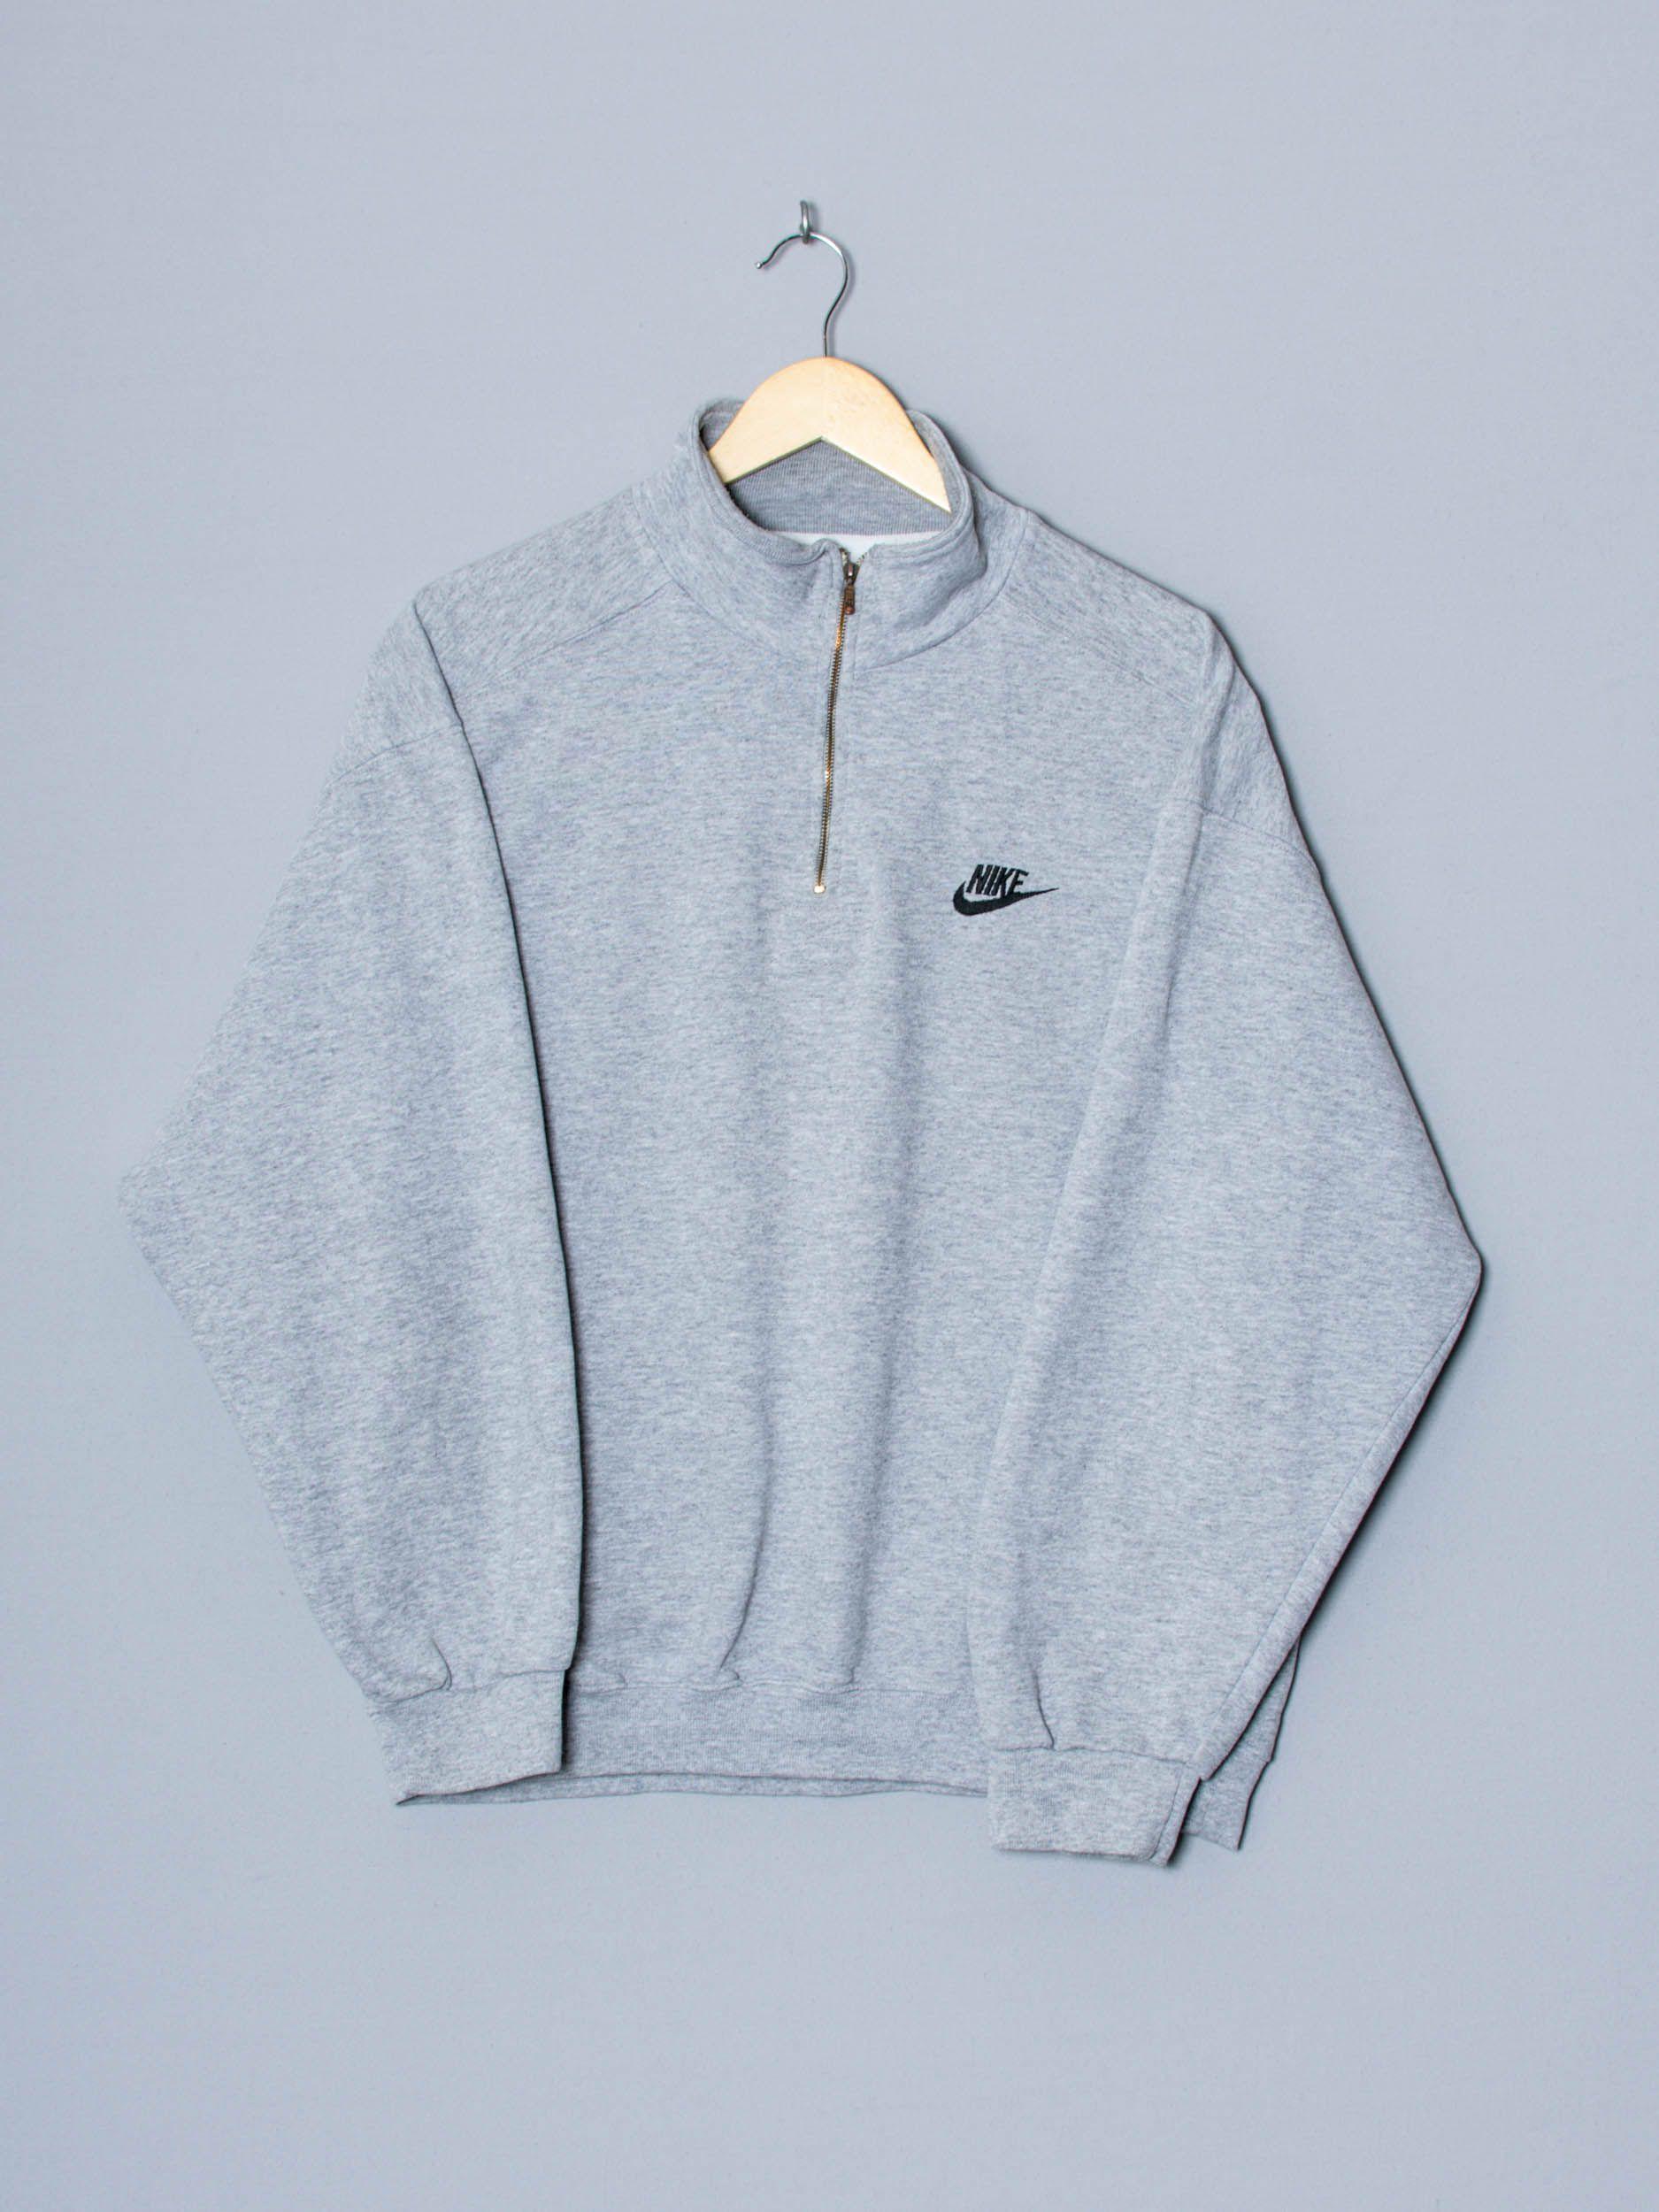 Fracaso Enriquecimiento oportunidad  Nike Grey 1/4 Zipper Sweatshirt | Impala Vintage en 2020 | Sudaderas,  Mangas, Nike